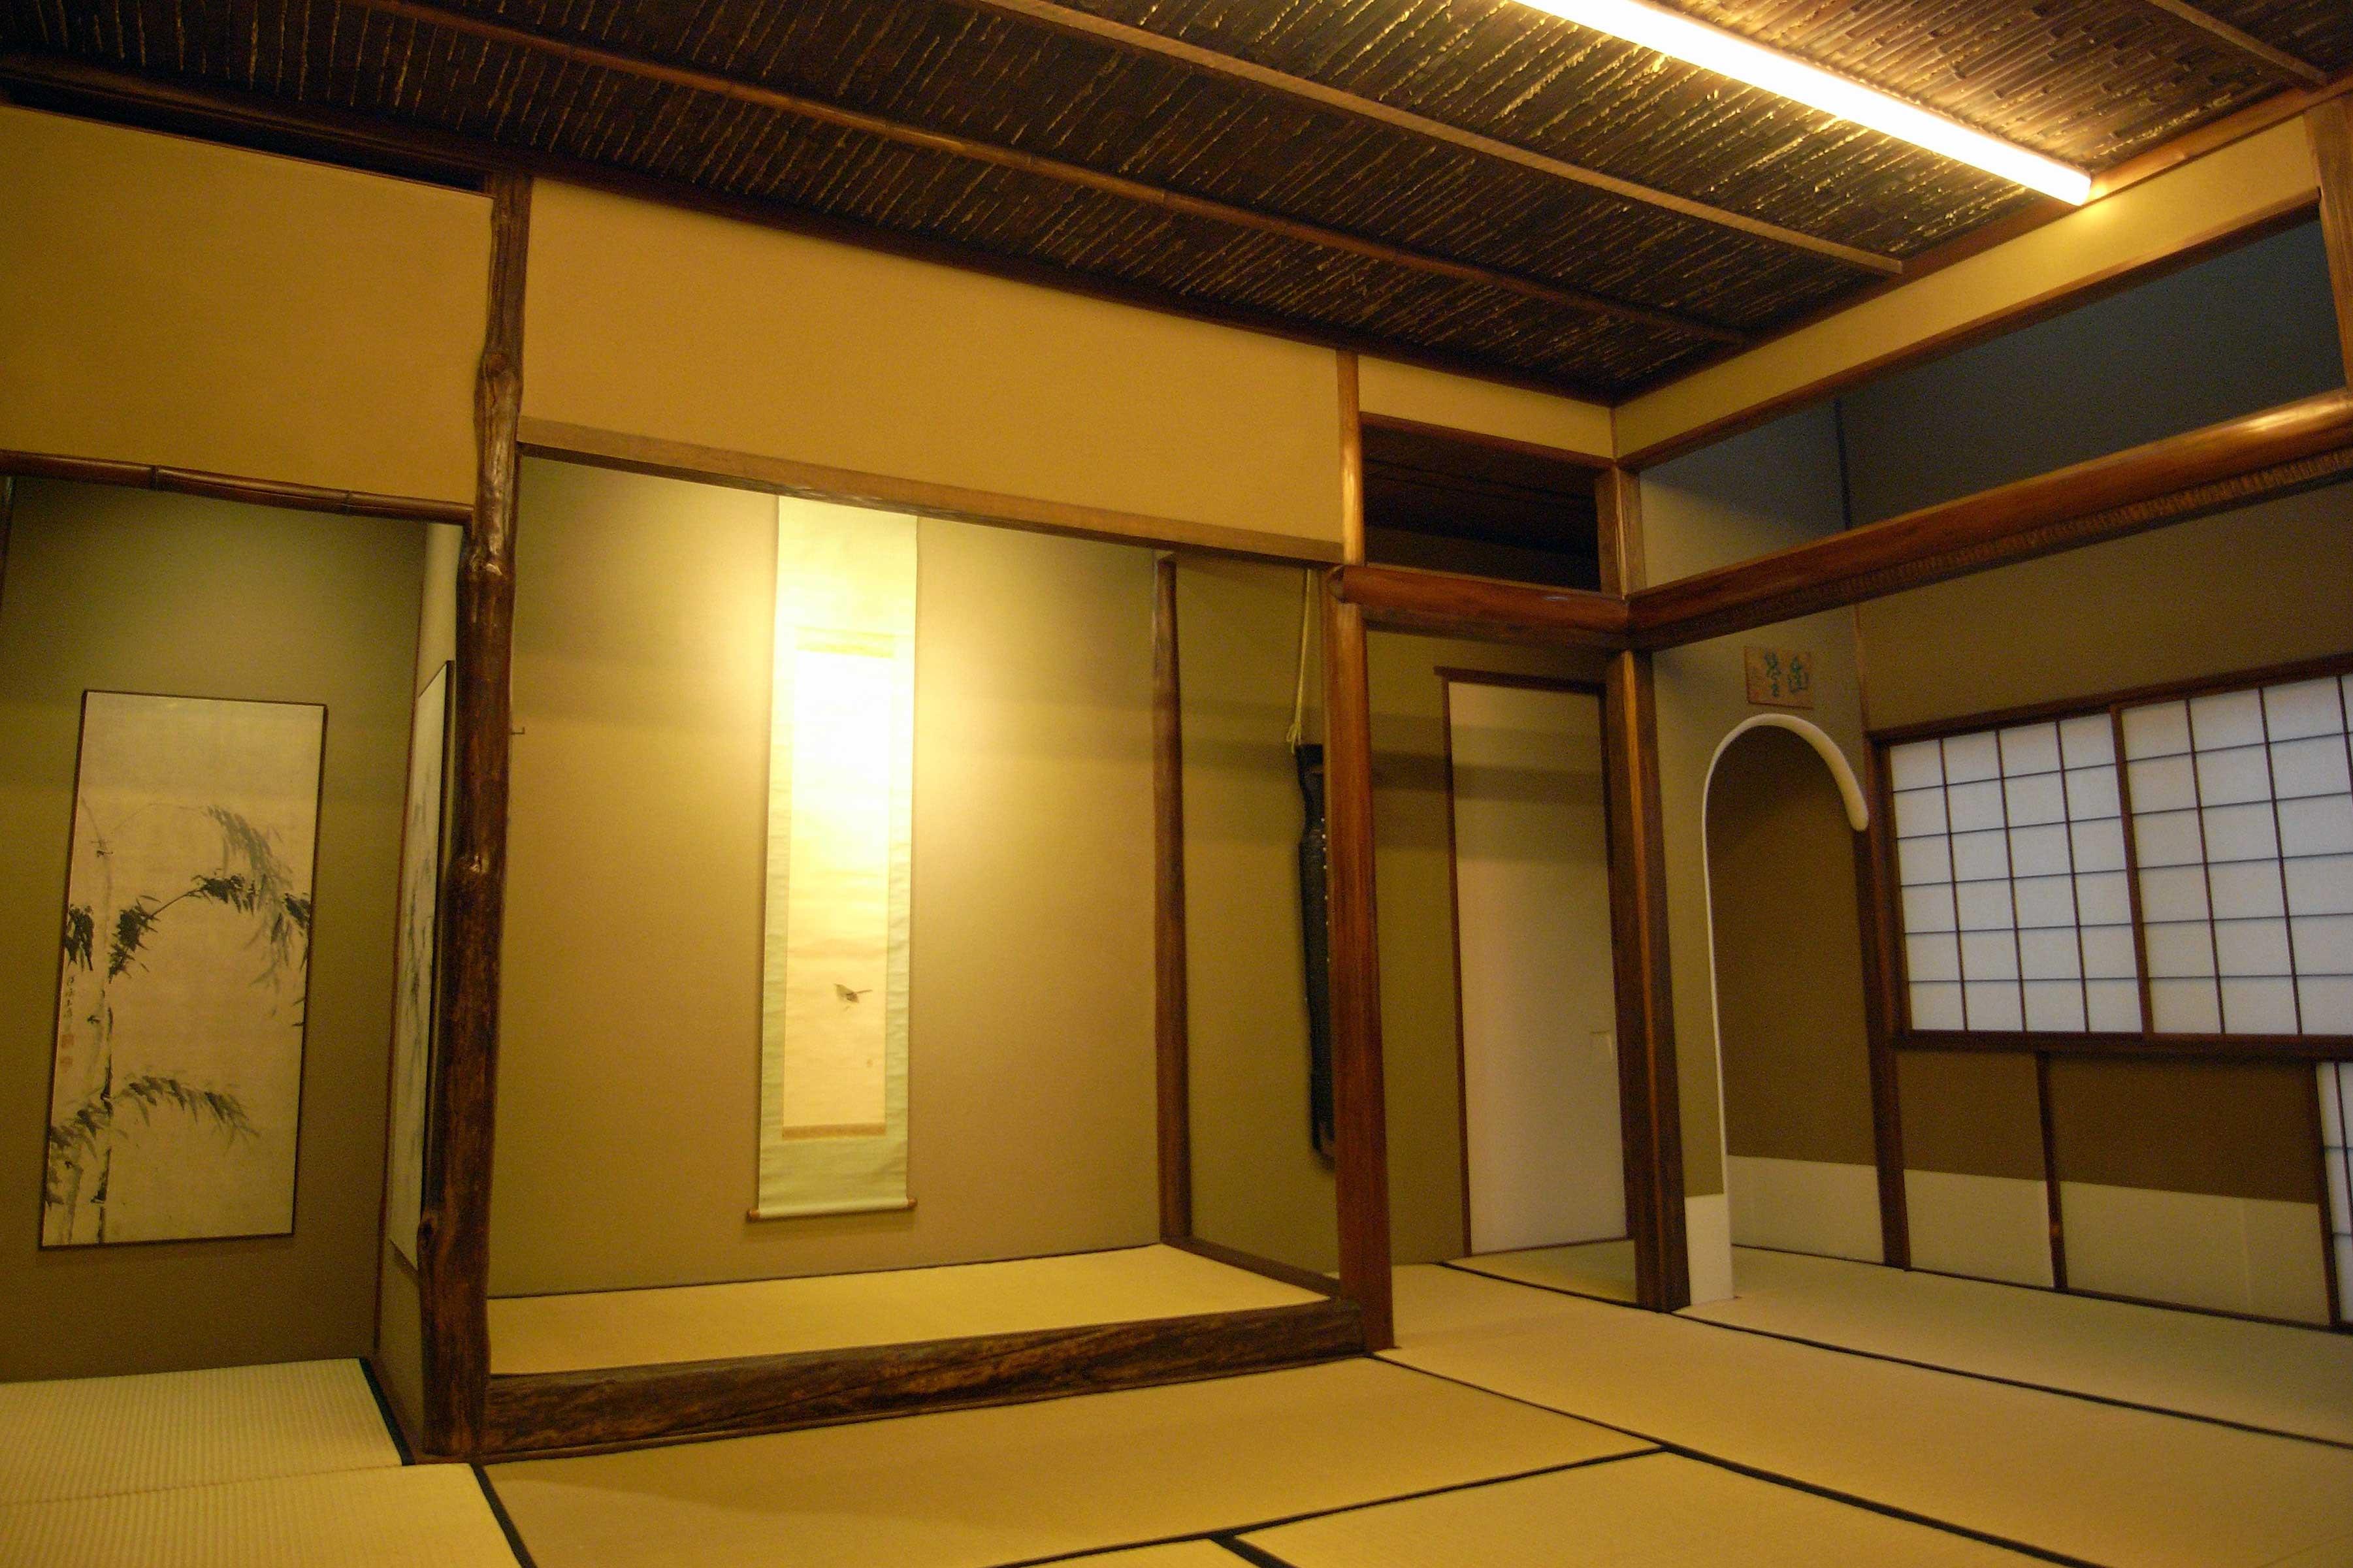 <p>佃家煎茶室主屋「幽篁」</p>一部文化年間(1804~1818年)の材を残す。昭和20年改築。部屋の名称は「幽篁(ゆうこう)」。竹林の意。天窓からは月光が差し込む。正面に床の間、その脇には無絃の七絃琴が掛けられている。煎茶会の中で茶席になったり会席を楽しんだりする場。